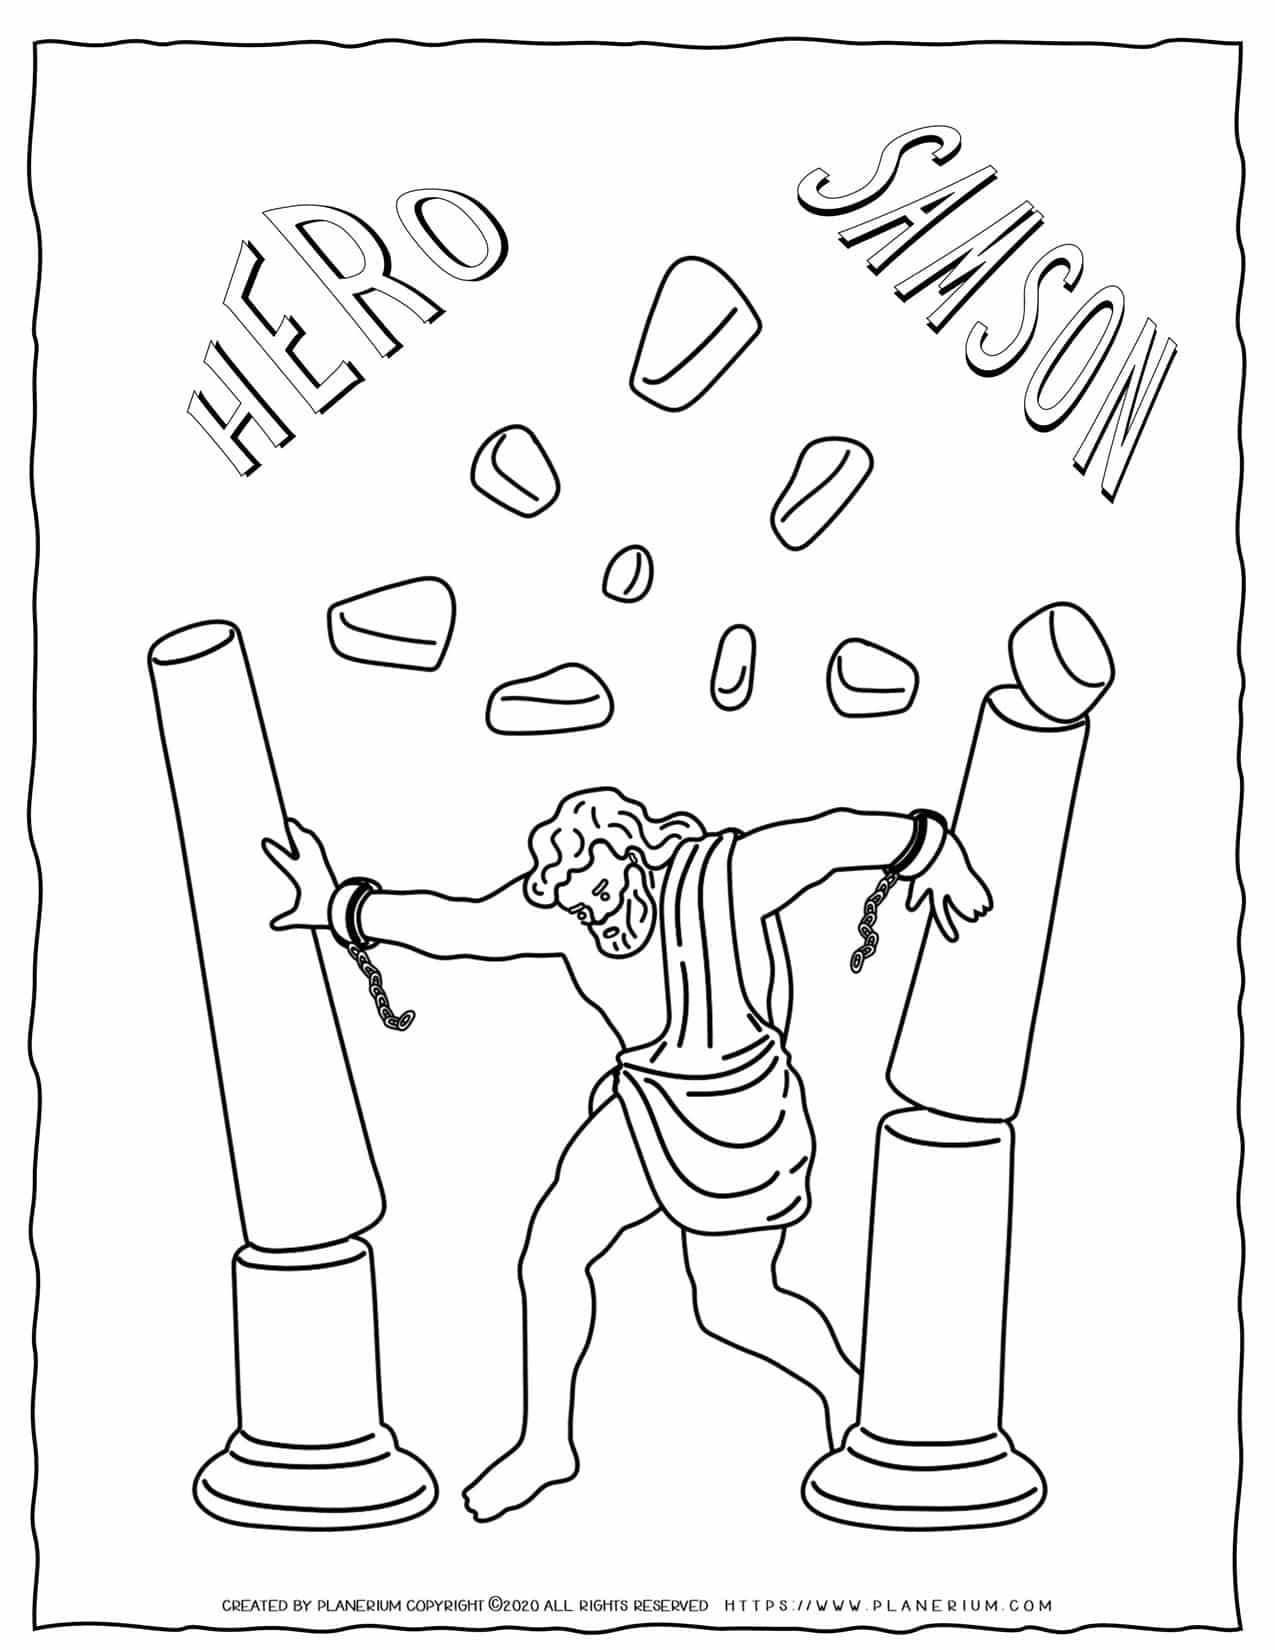 Samson - Bible Coloring Pages   Planerium